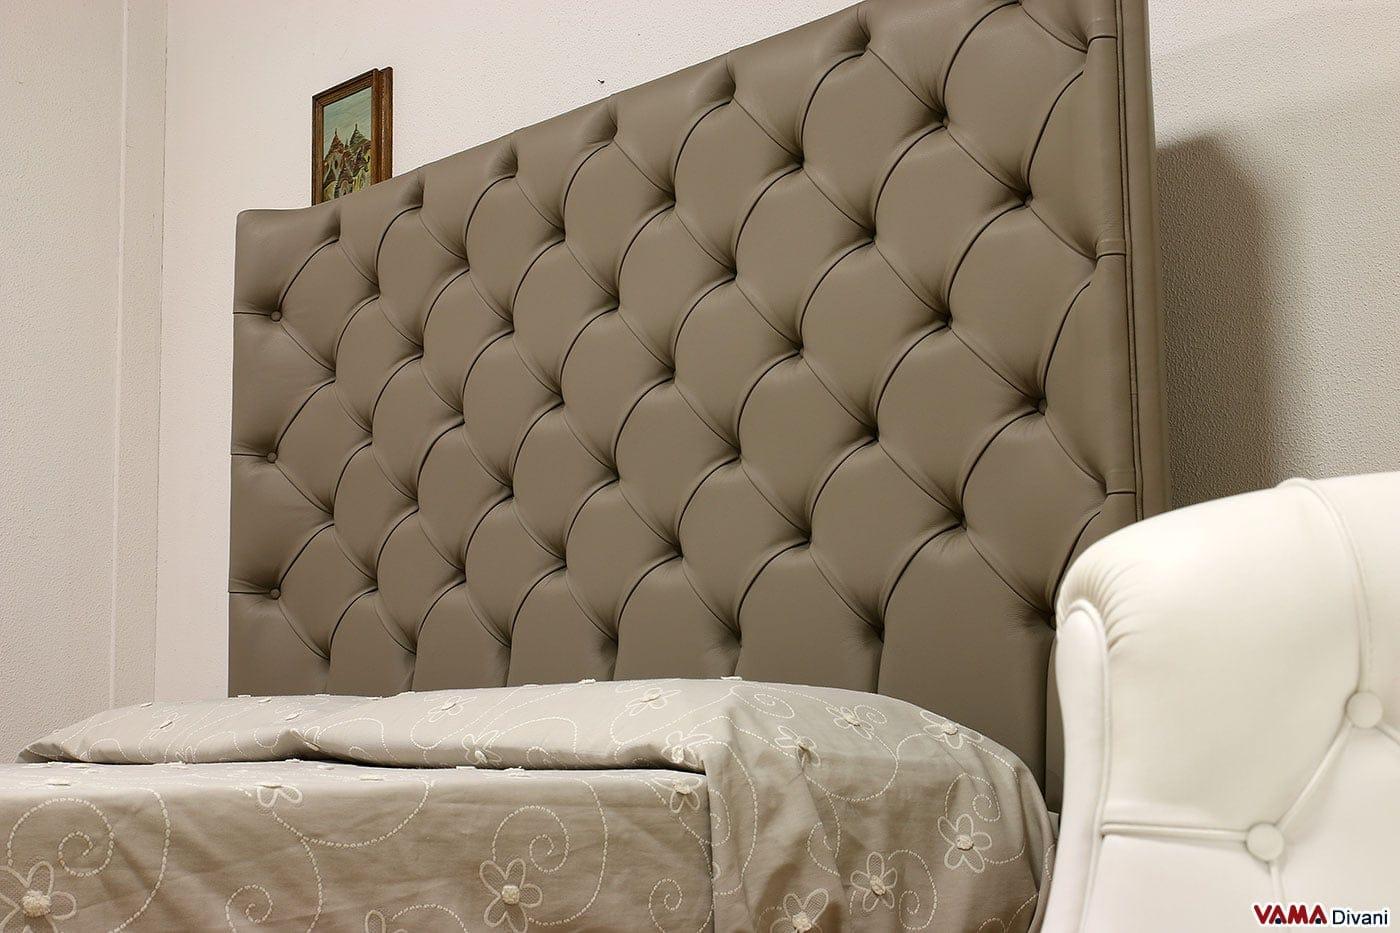 Letto testiera imbottita amazing dream letto in pelle - Dimensioni letto queen size ...